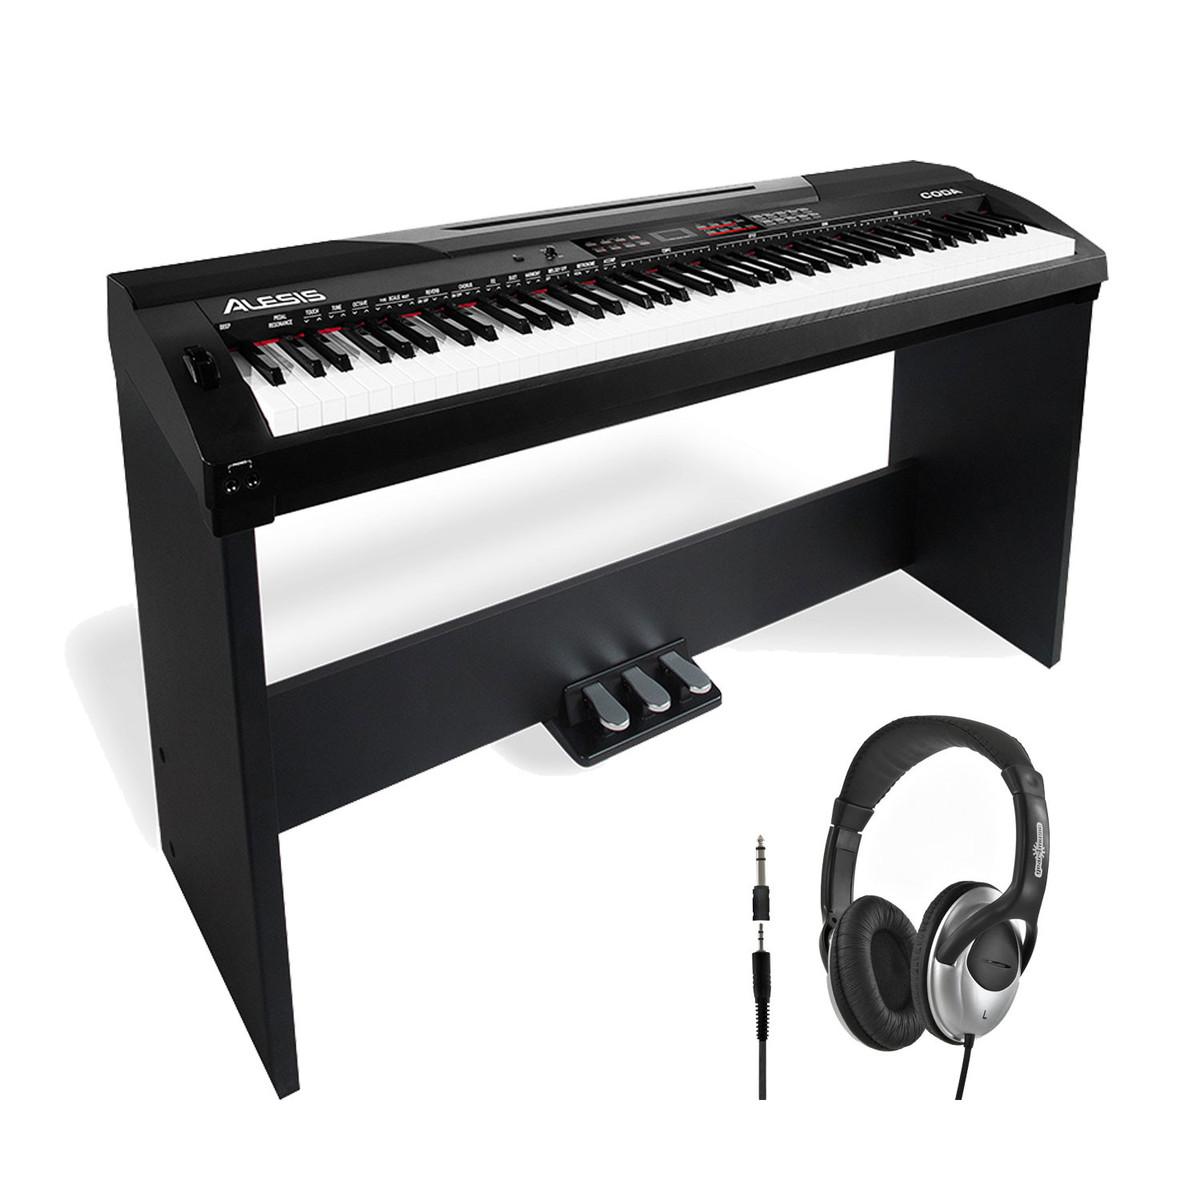 disc alesis coda piano num rique de 88 touches avec support et casque. Black Bedroom Furniture Sets. Home Design Ideas